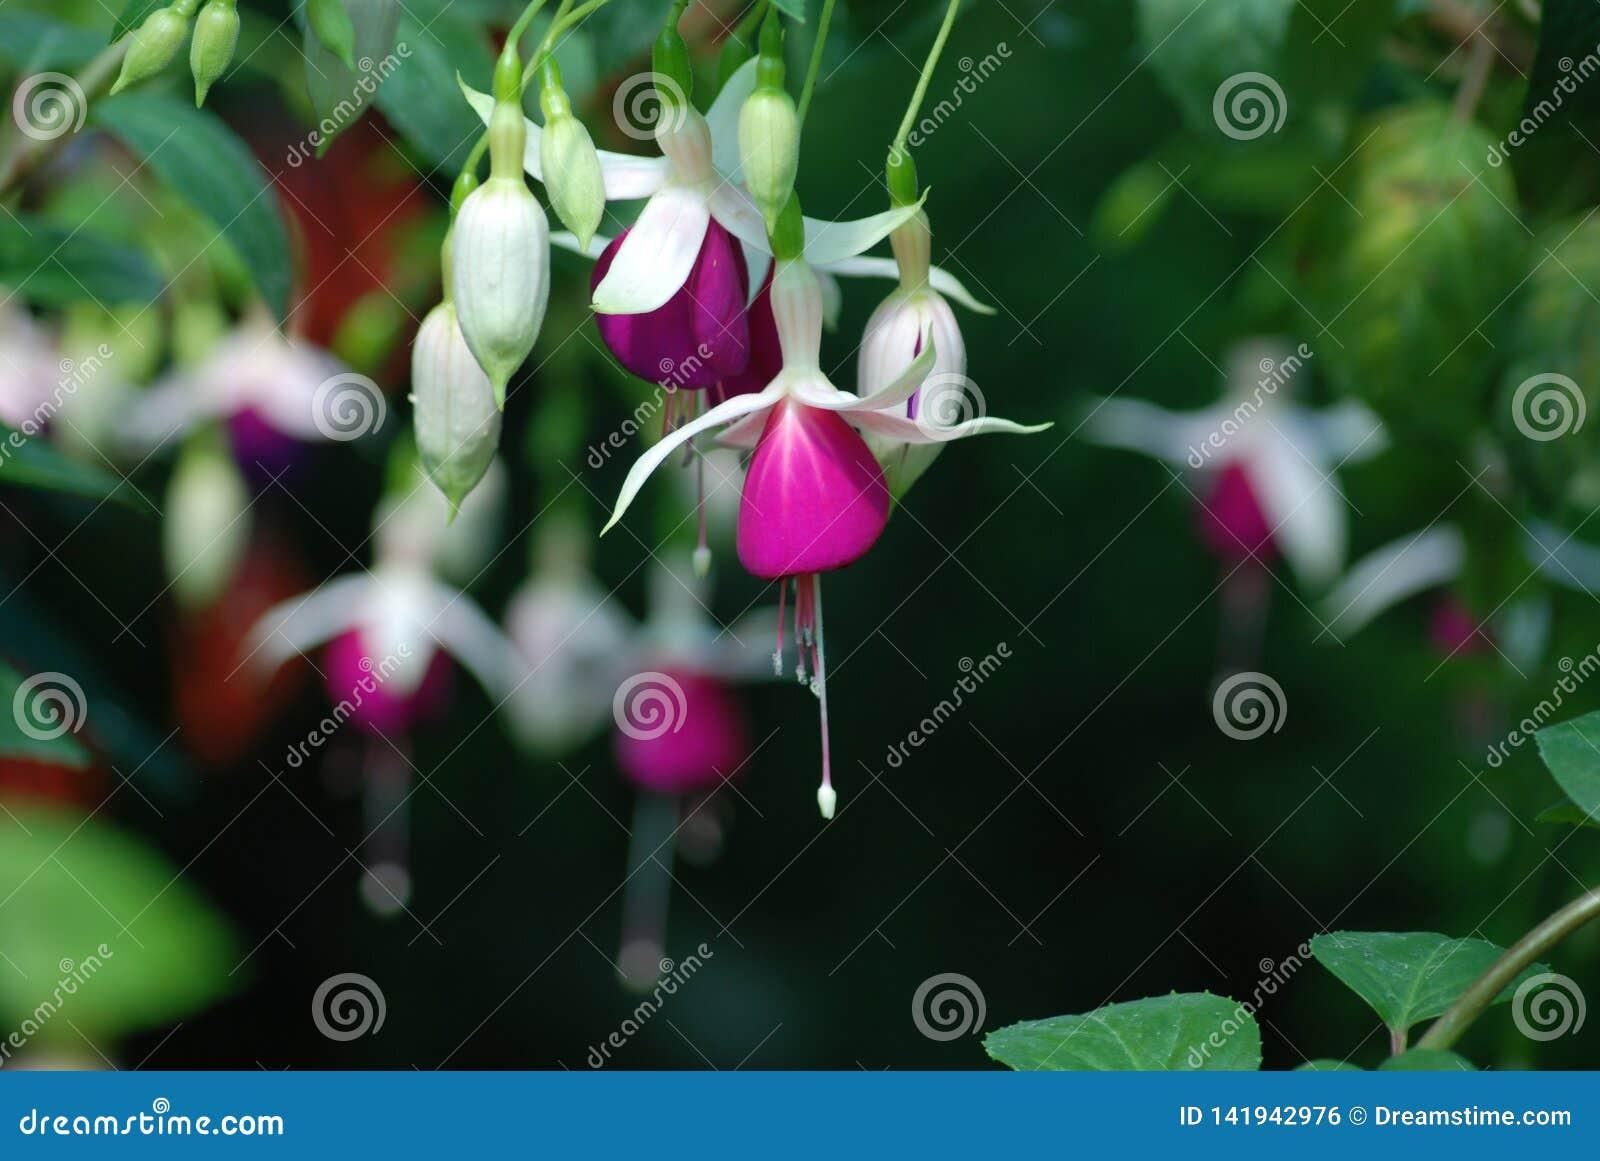 Fleurs fuchsia pourpres blanches accrochantes de haut en bas